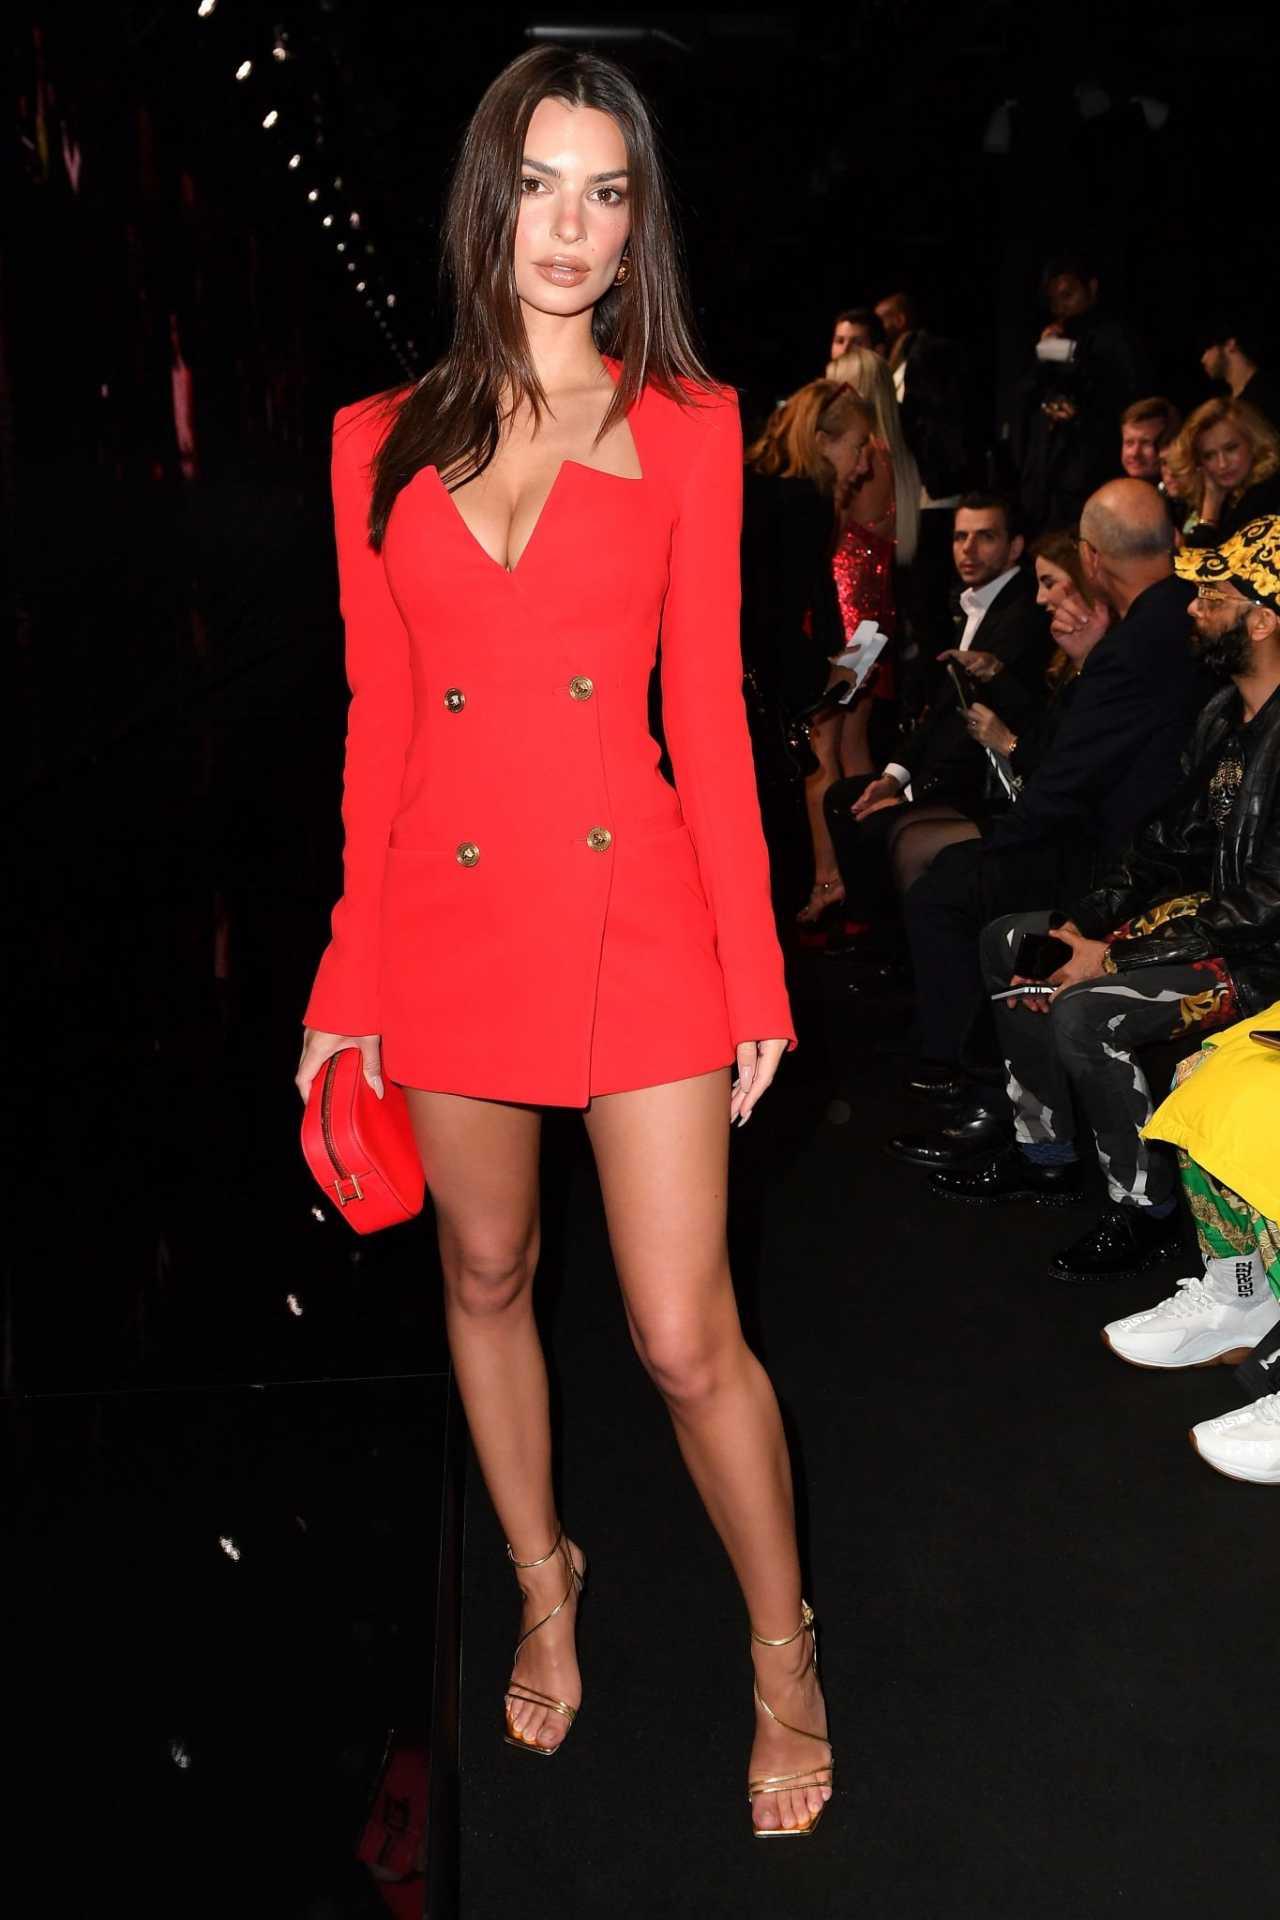 Emily Ratajkowski 2020 : Emily Ratajkowski – In red at Versace Fashion Show in Milan February-13